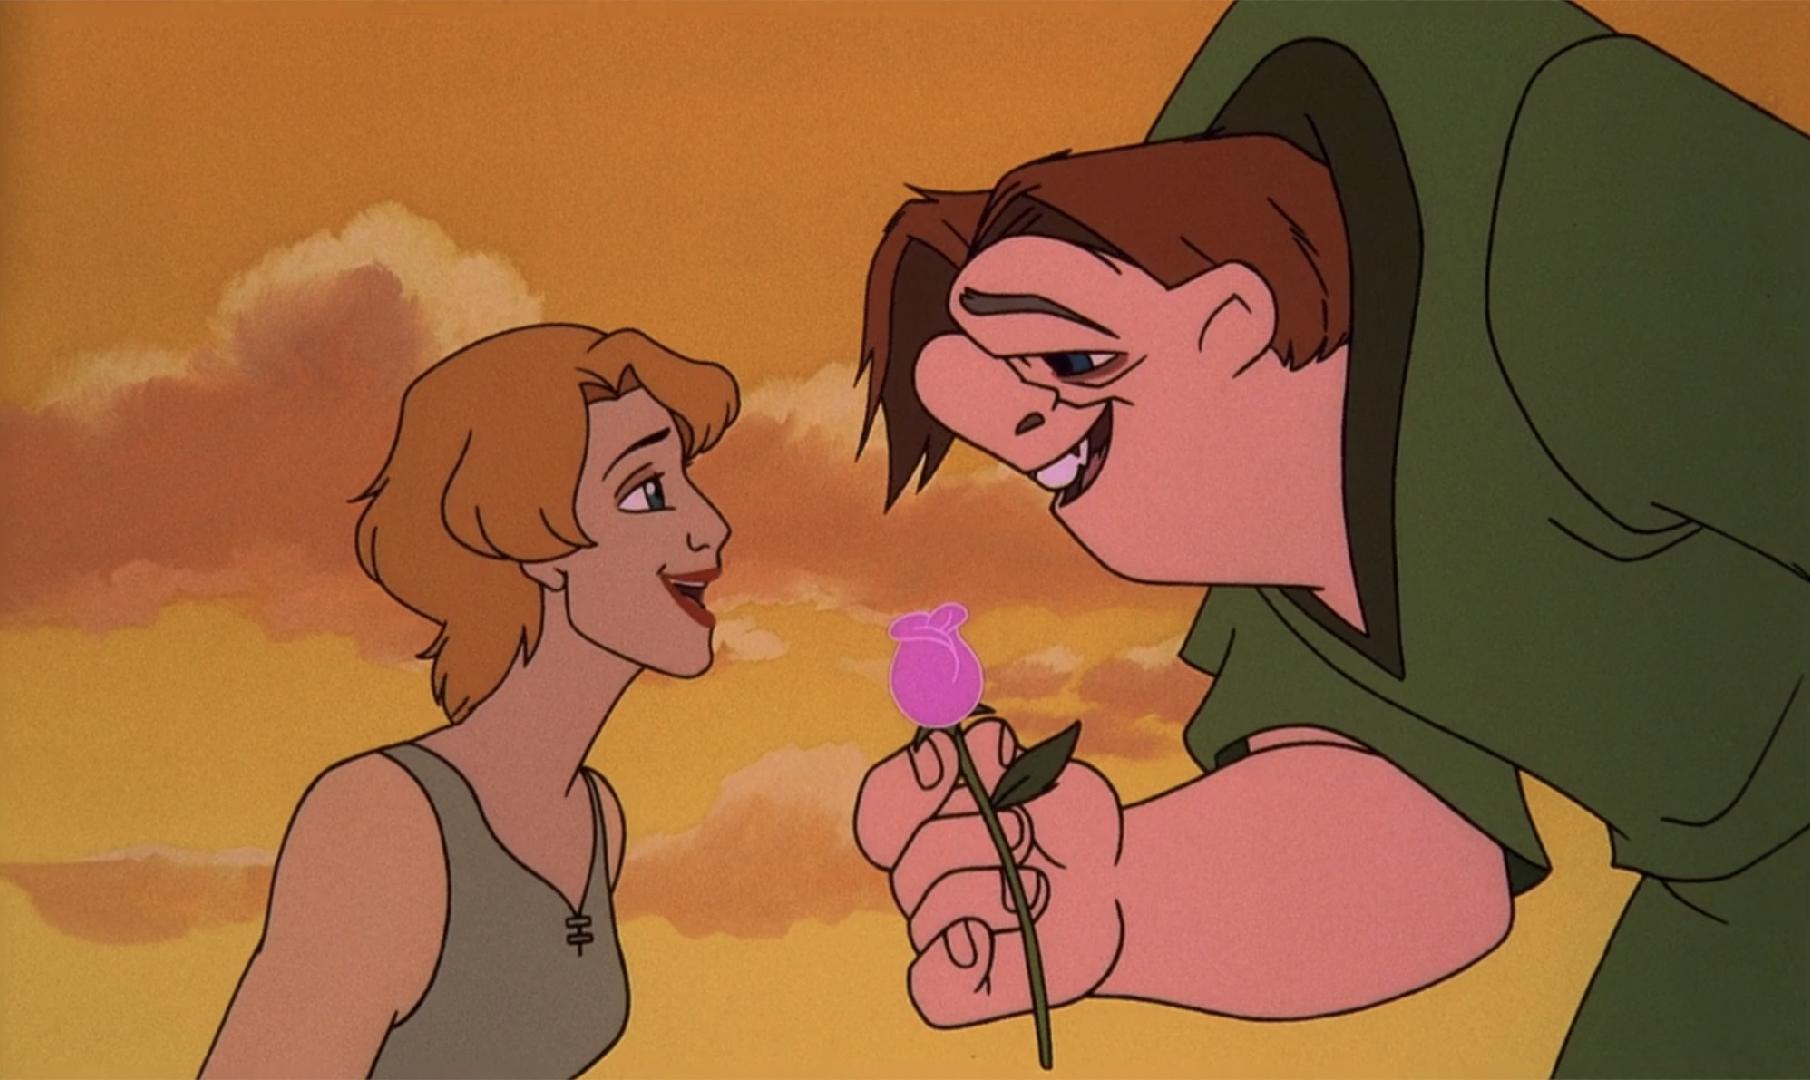 Quasimodo giving a rose to Madellaine